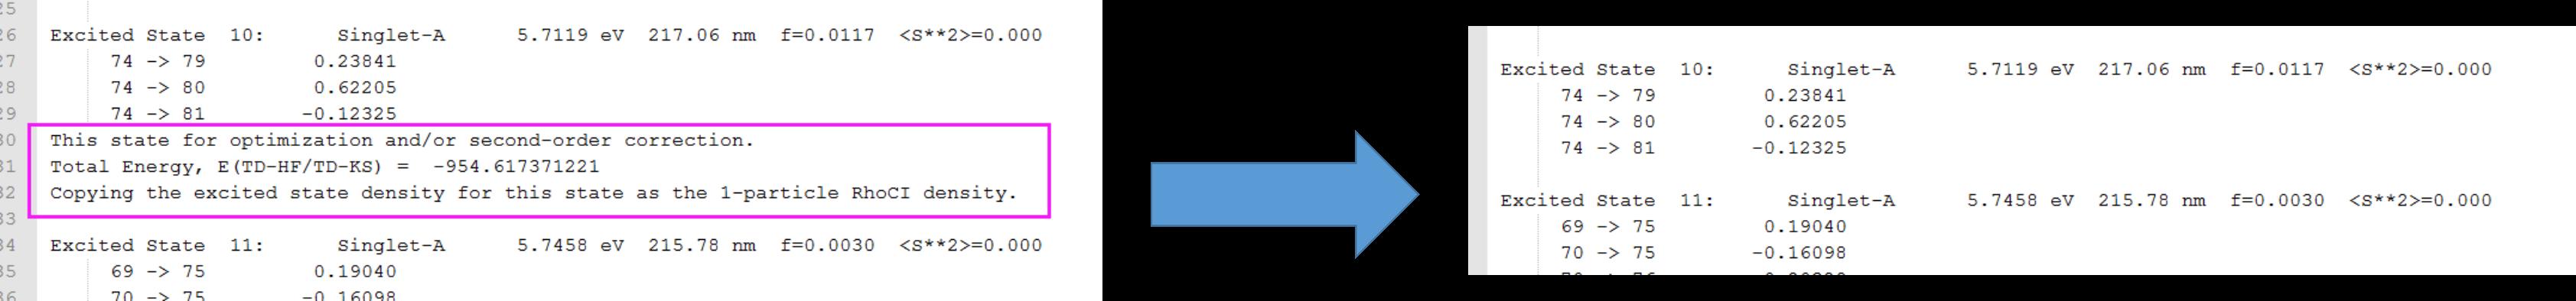 Gaussian 09及相关软件使用问题与解决方案汇总【持续更新】 - 广州市墨灵